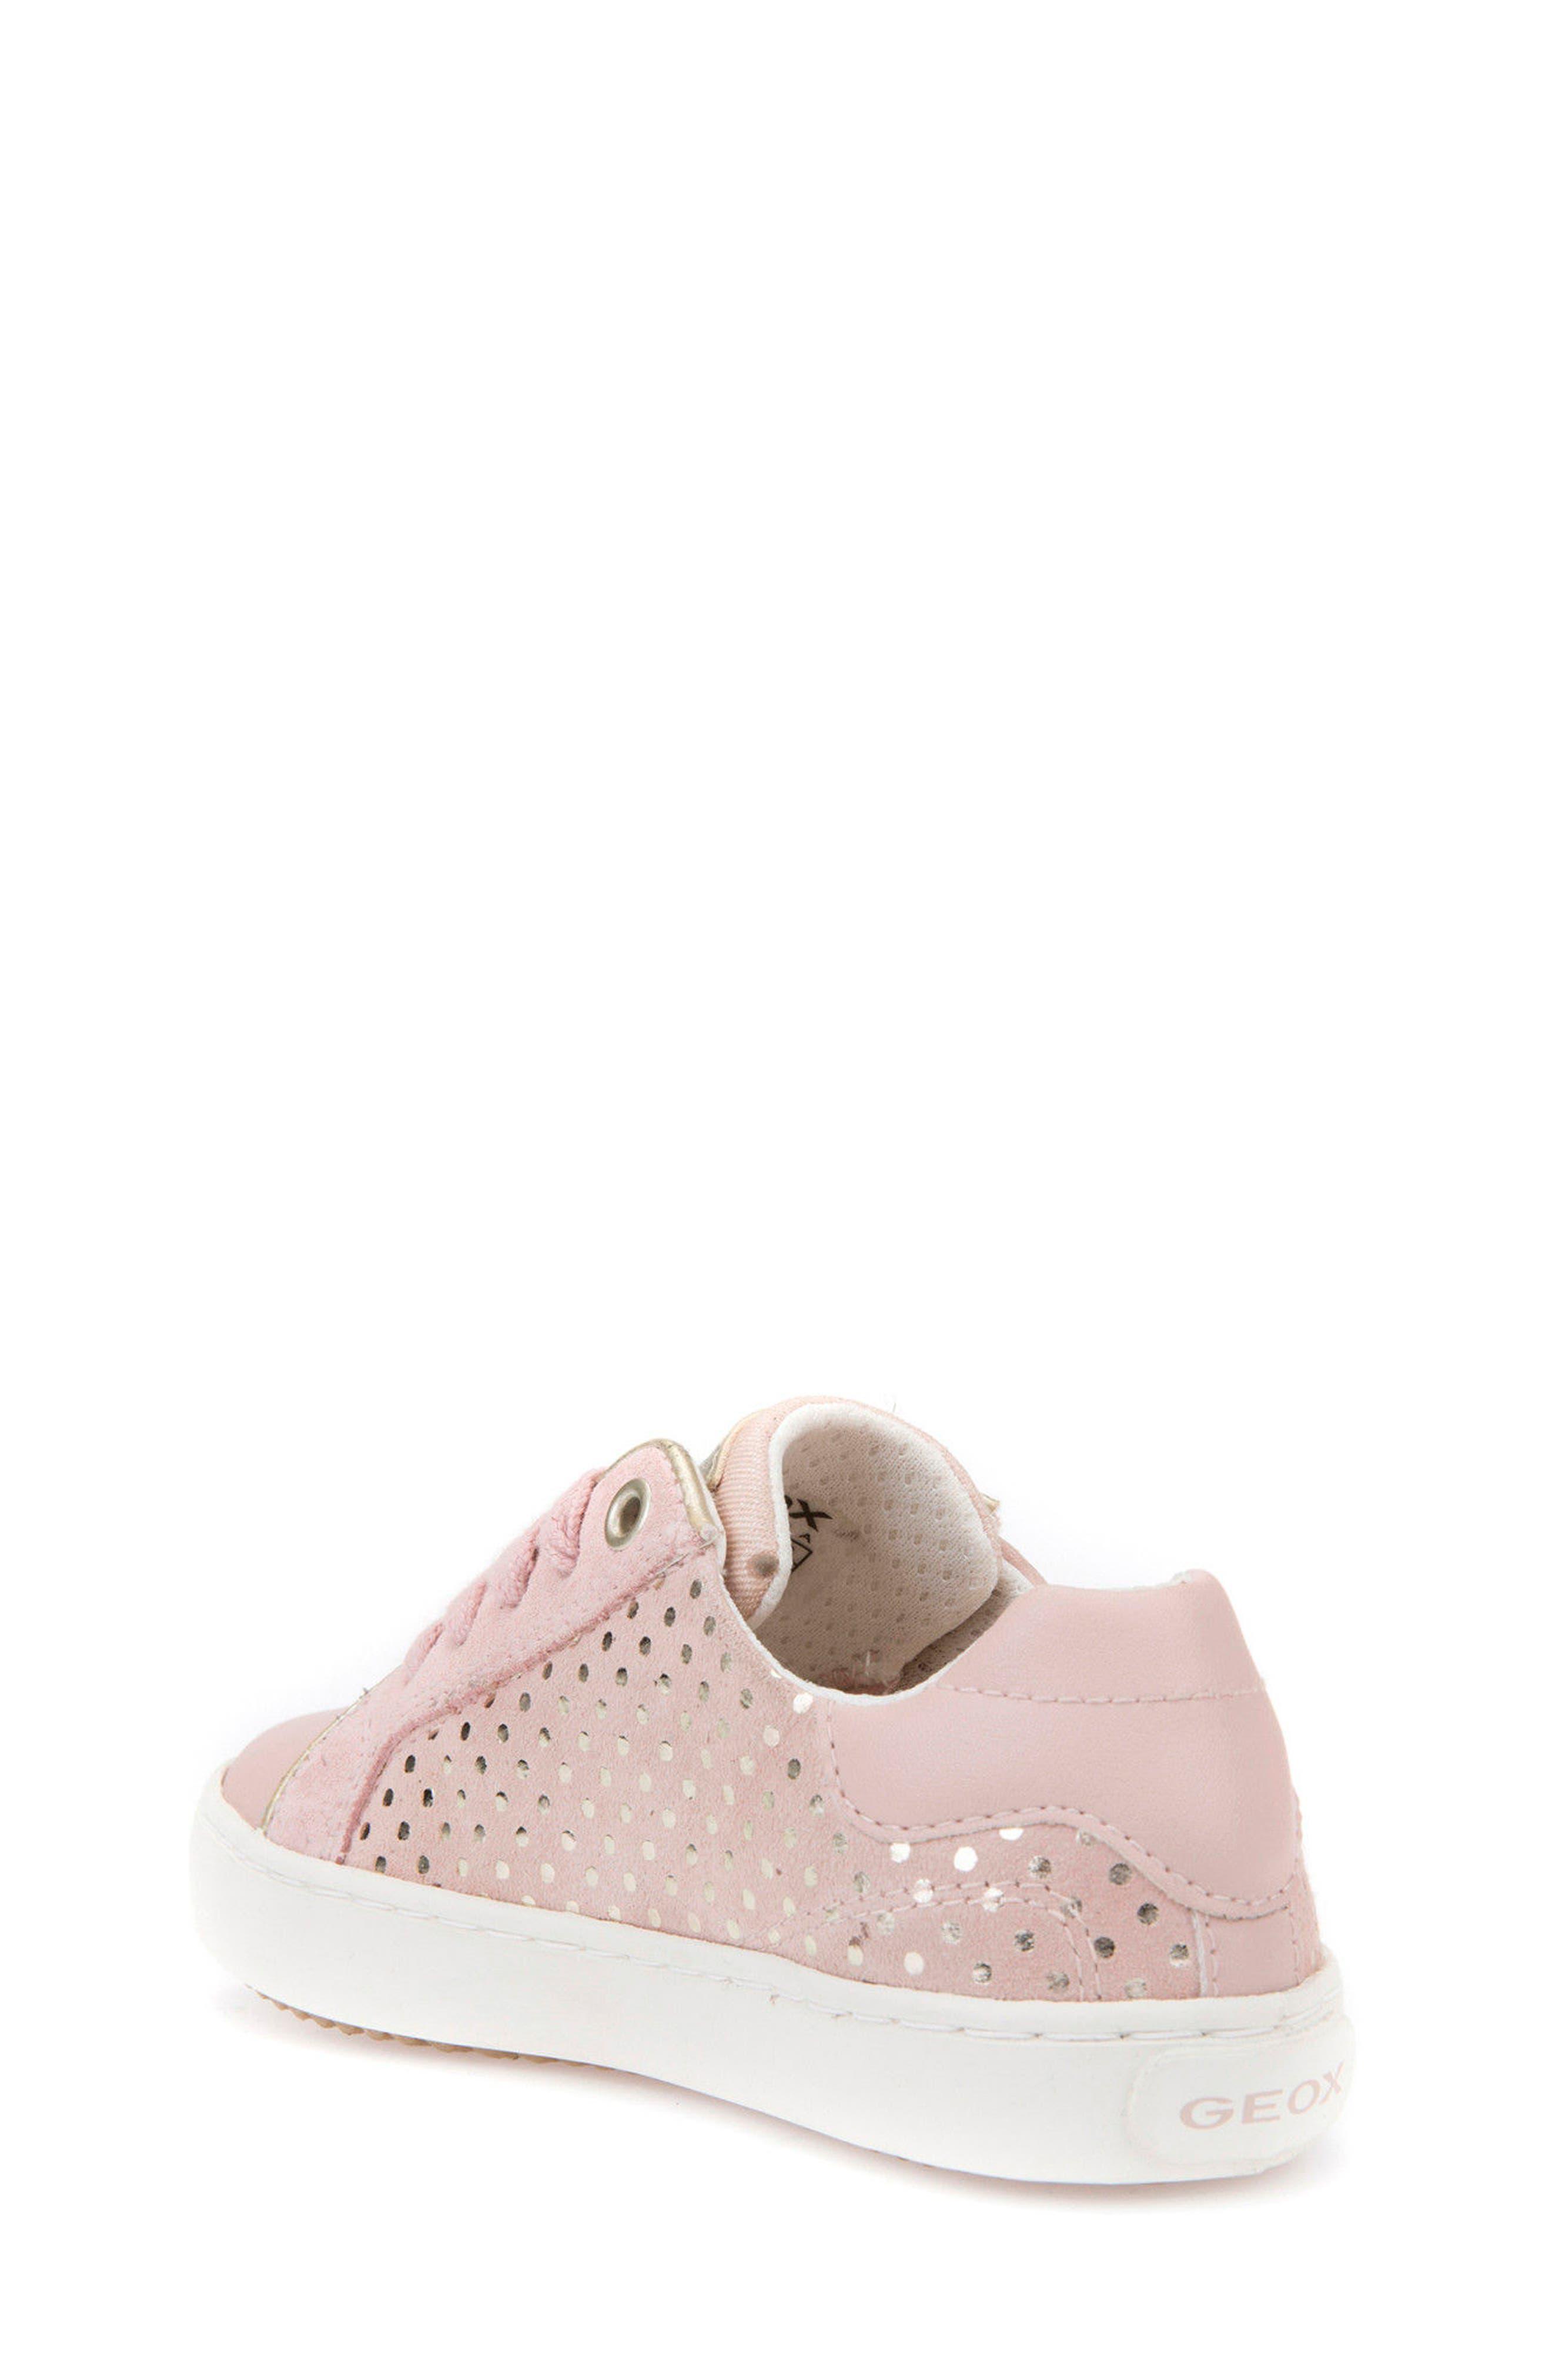 Kilwi Low Top Sneaker,                             Alternate thumbnail 2, color,                             Rose